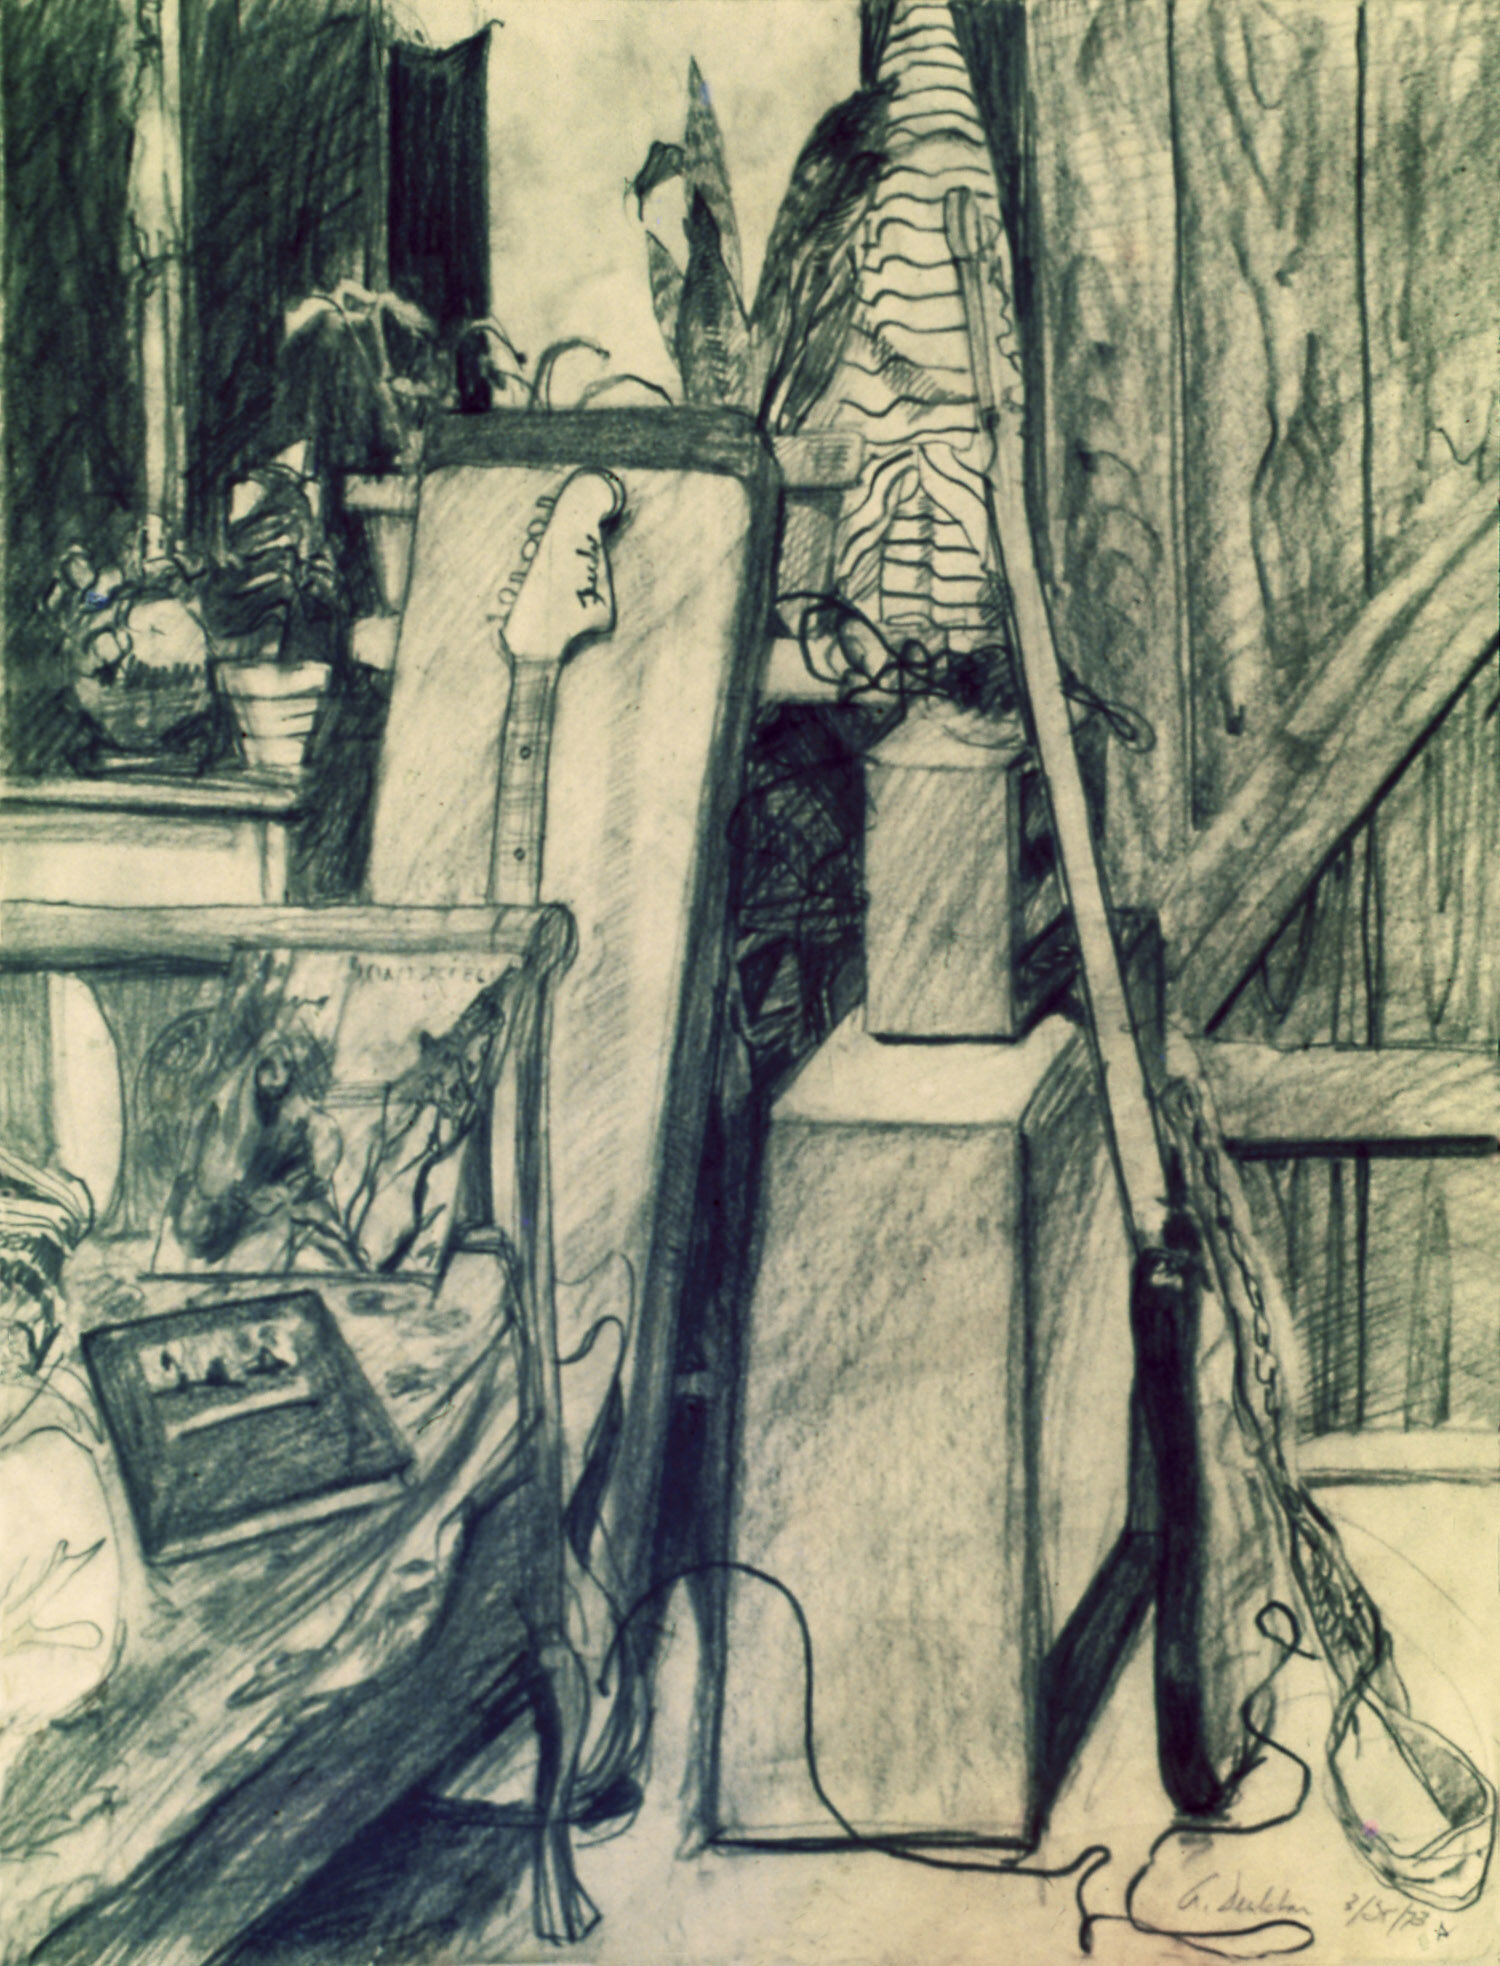 _The Cabin_ 24x18 graphite 1973.jpg